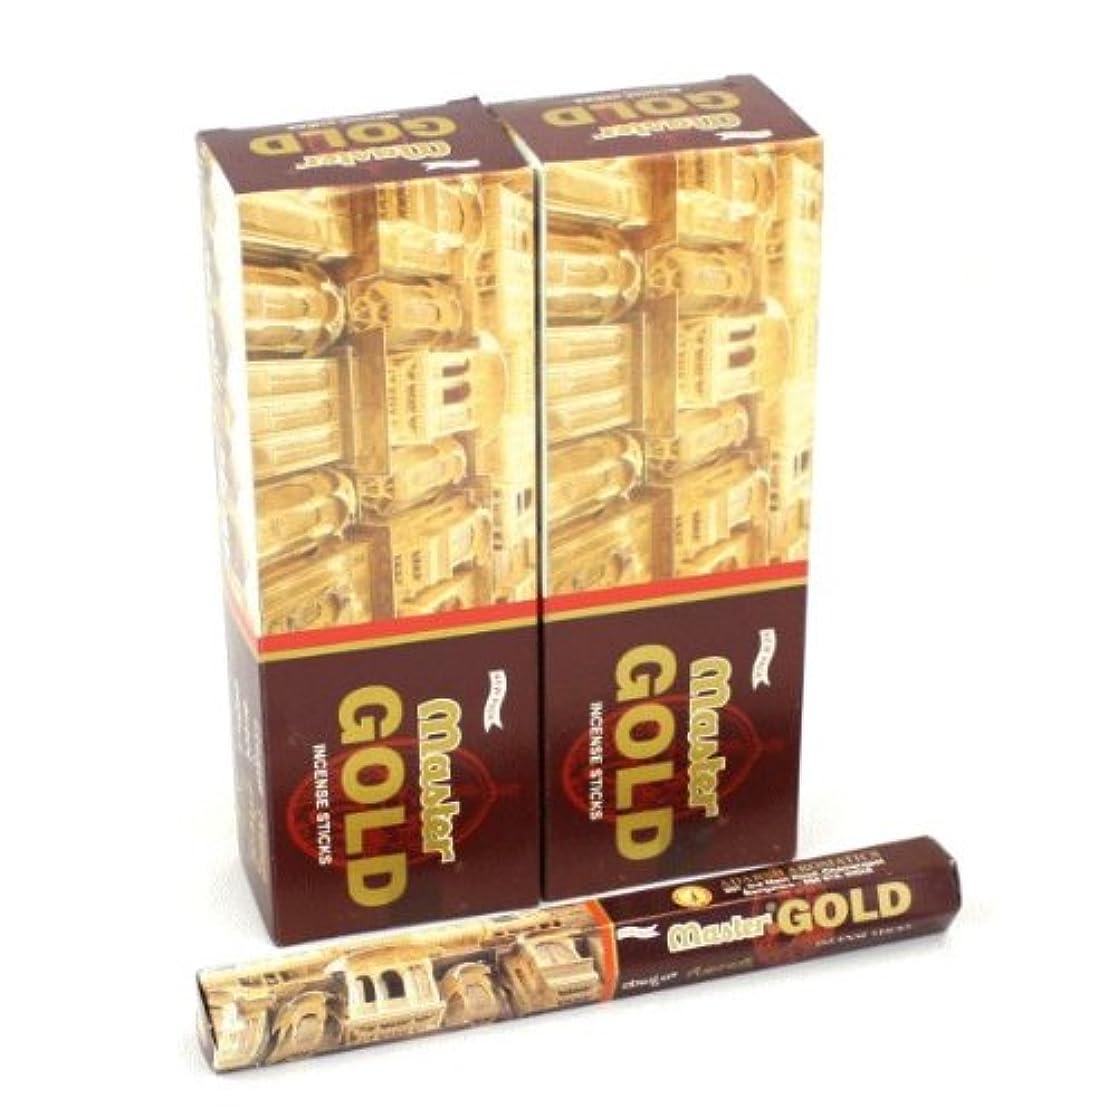 ADARSH マスターゴールド香 スティック ヘキサパック(六角) 12箱セット MASTER GOLD